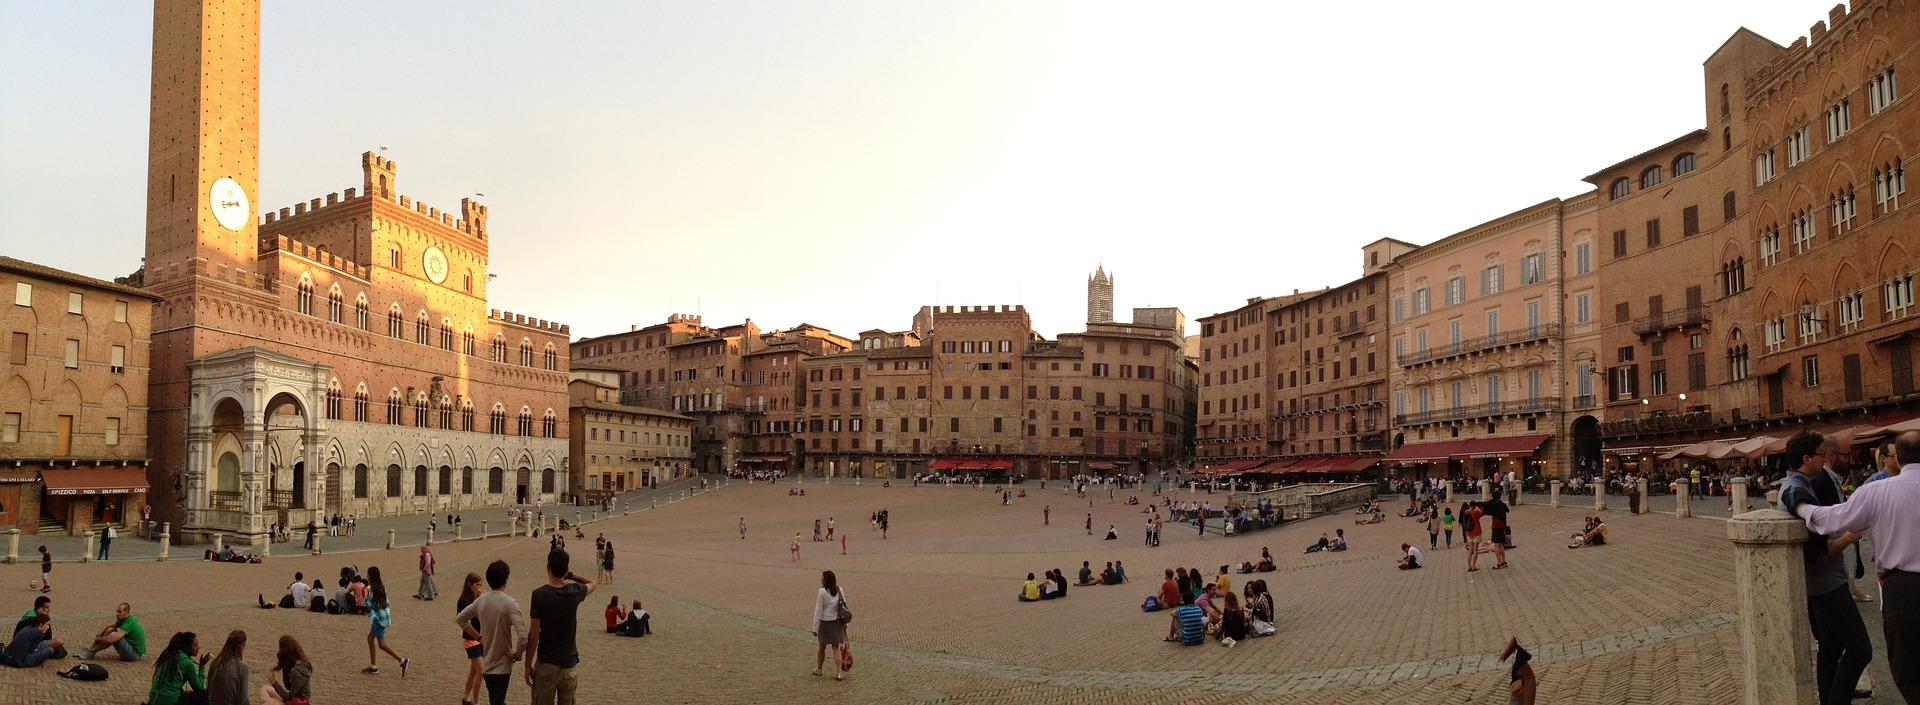 Tuscany - Siena 1